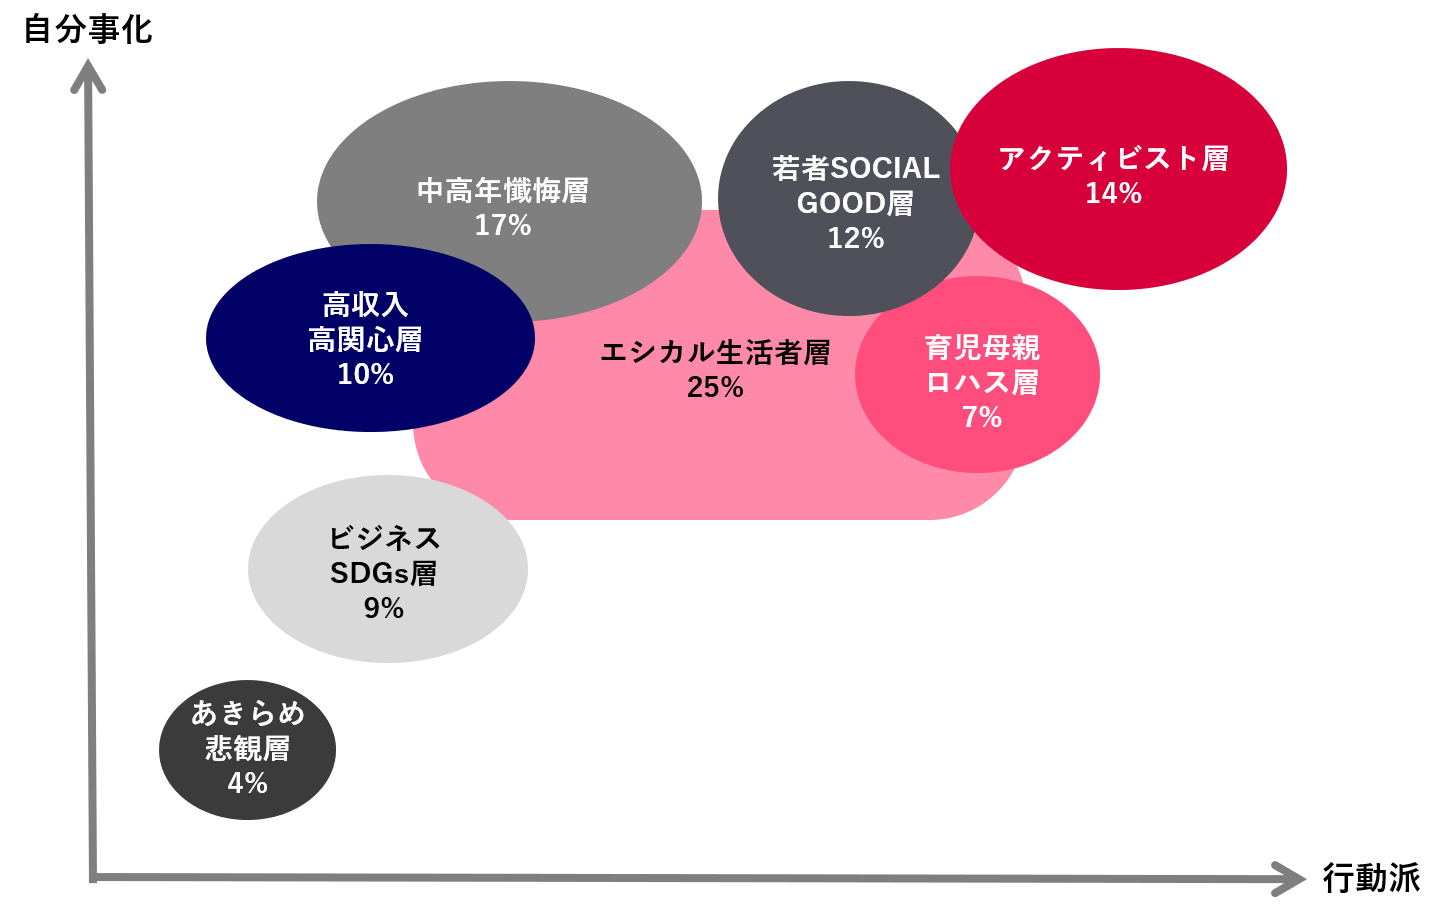 メンバーズ開発のクラスター